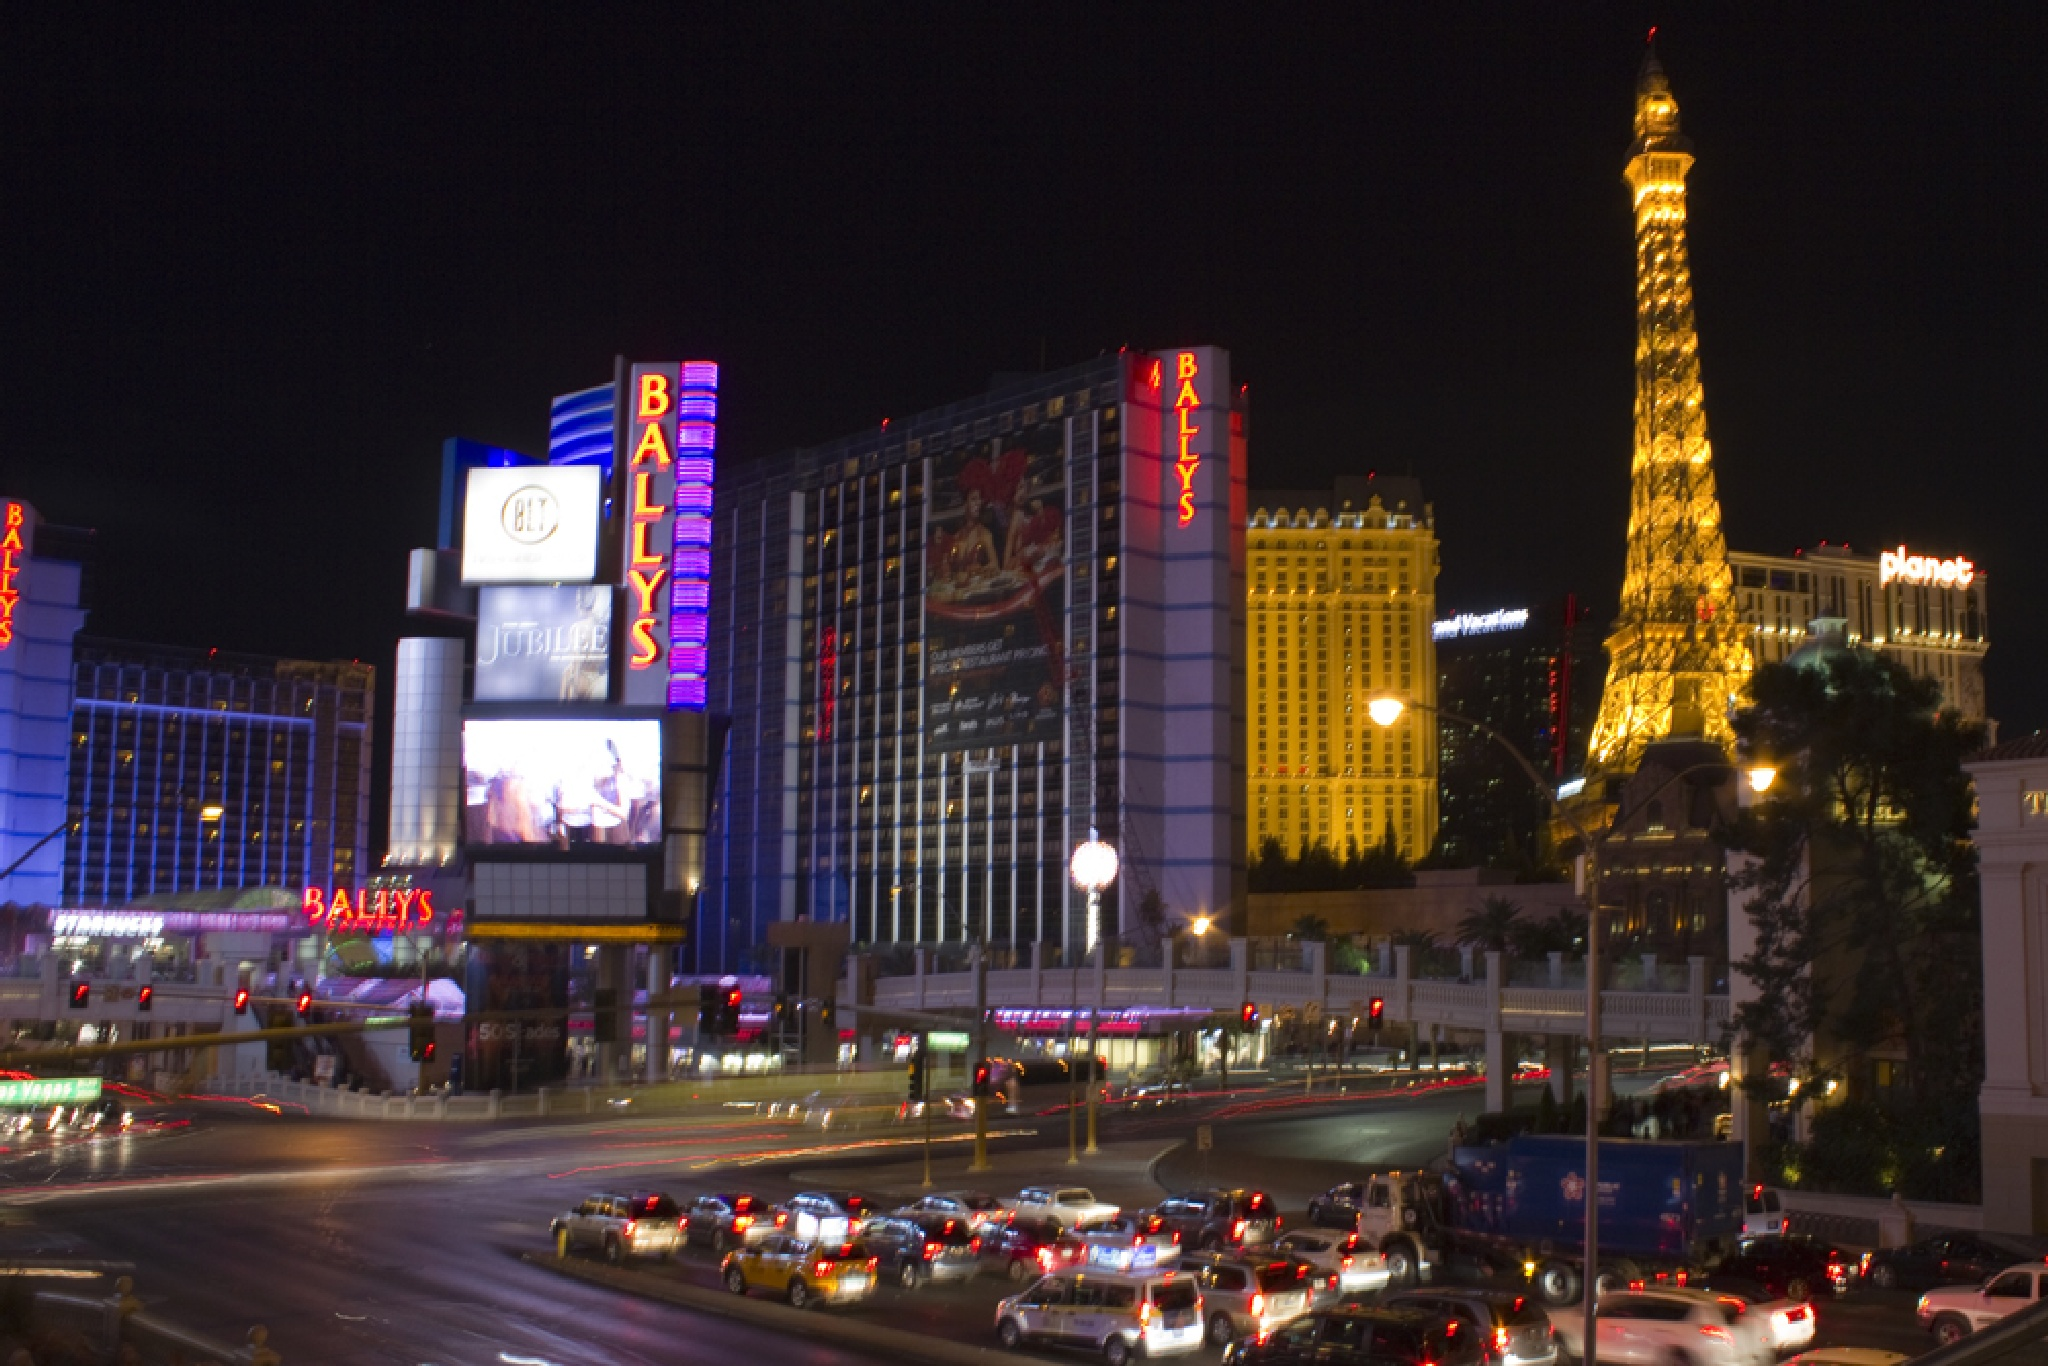 Las Vegas Blvd - The Strip by time2dive